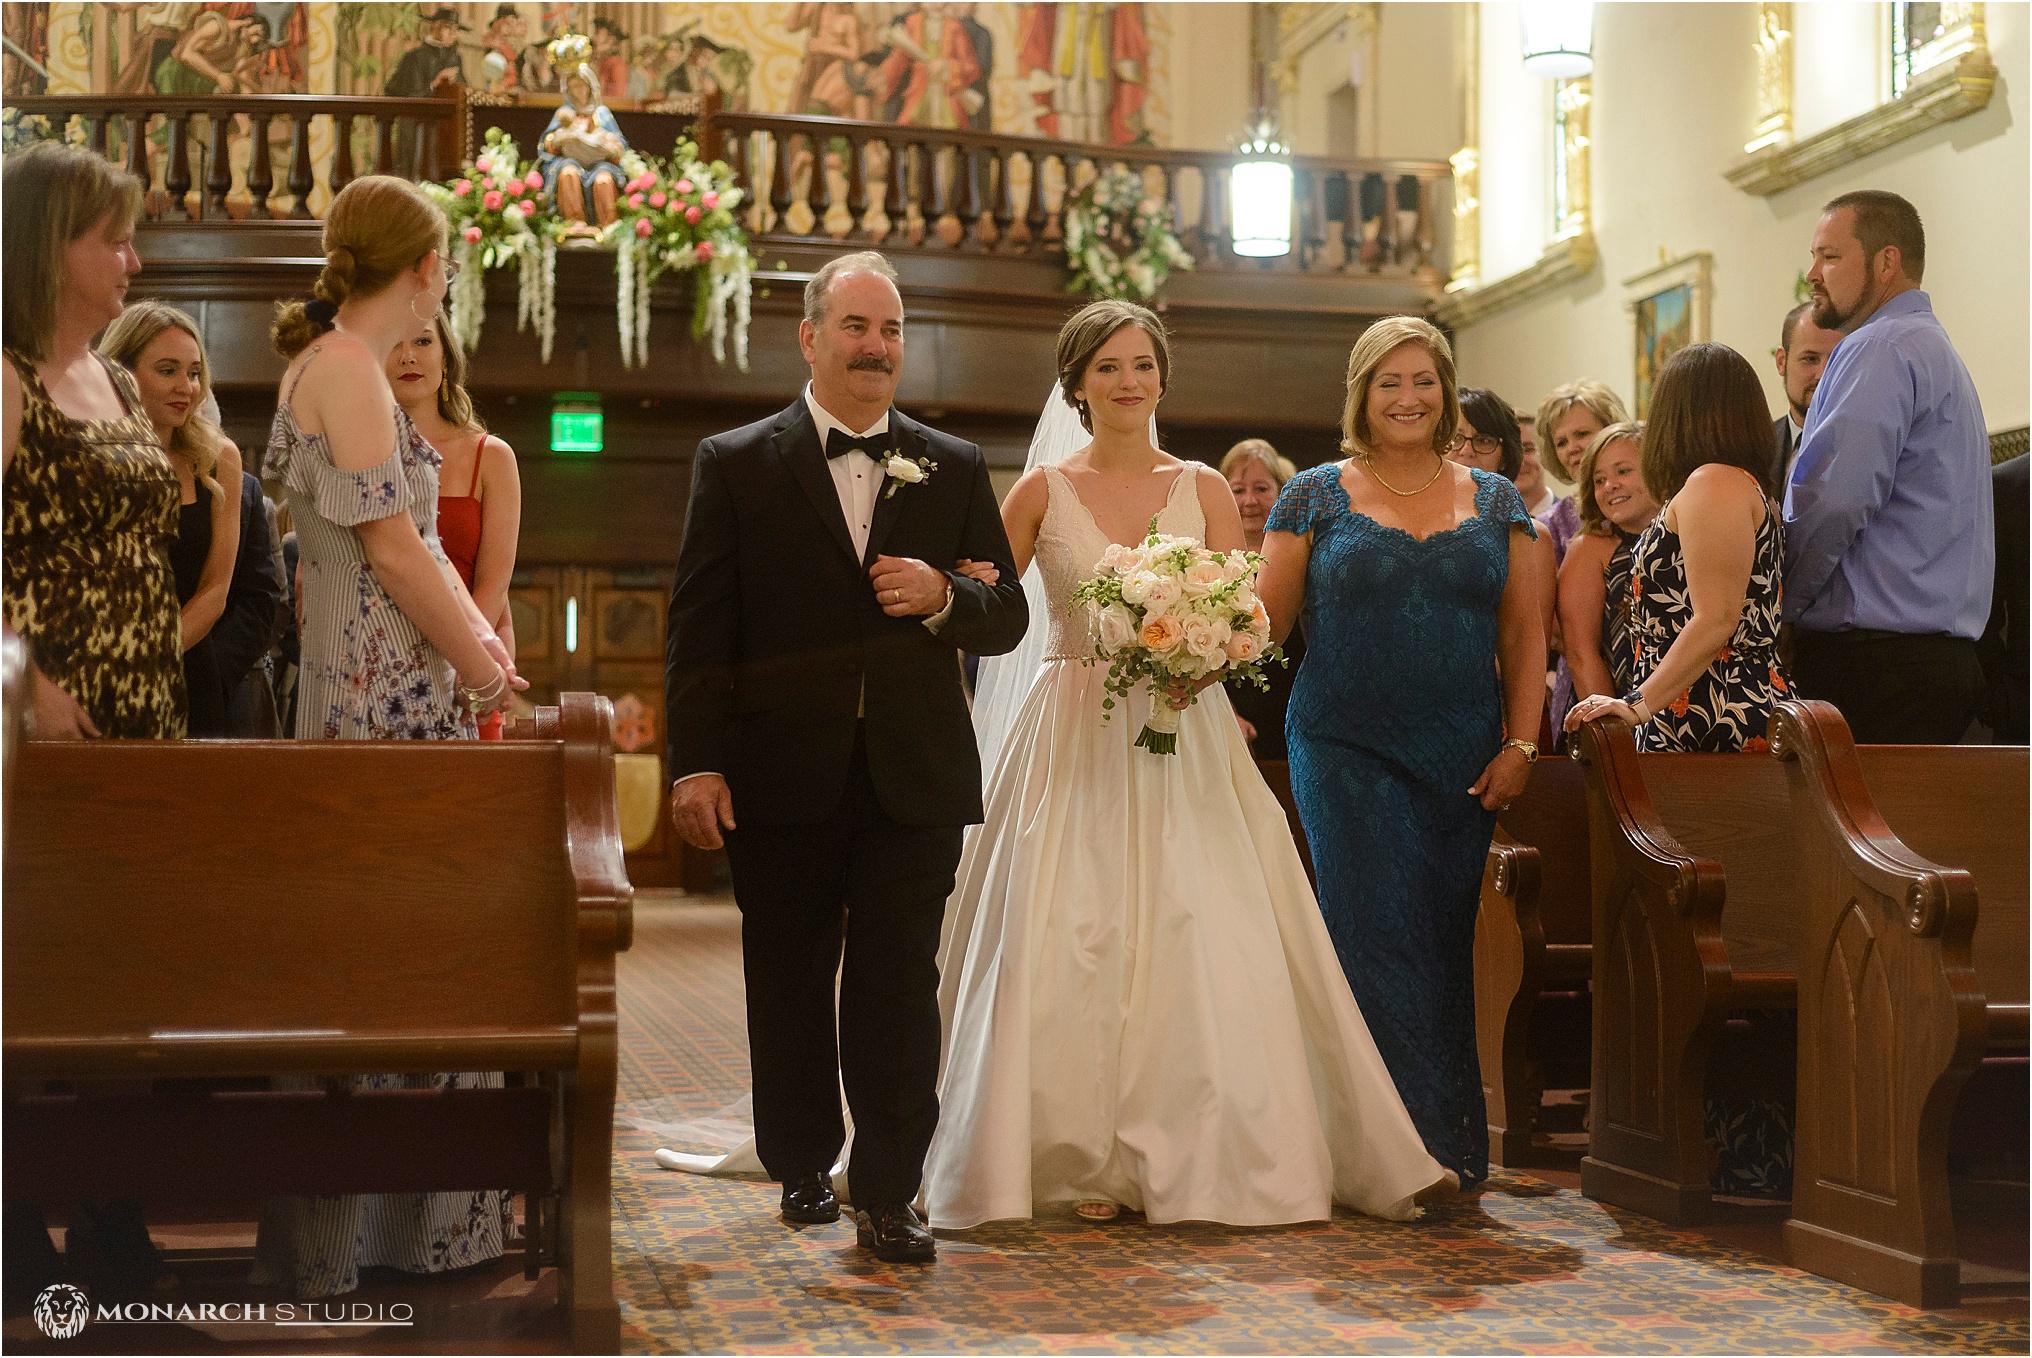 Wedding-PHotographer-in-st-augustine-2019-021.jpg